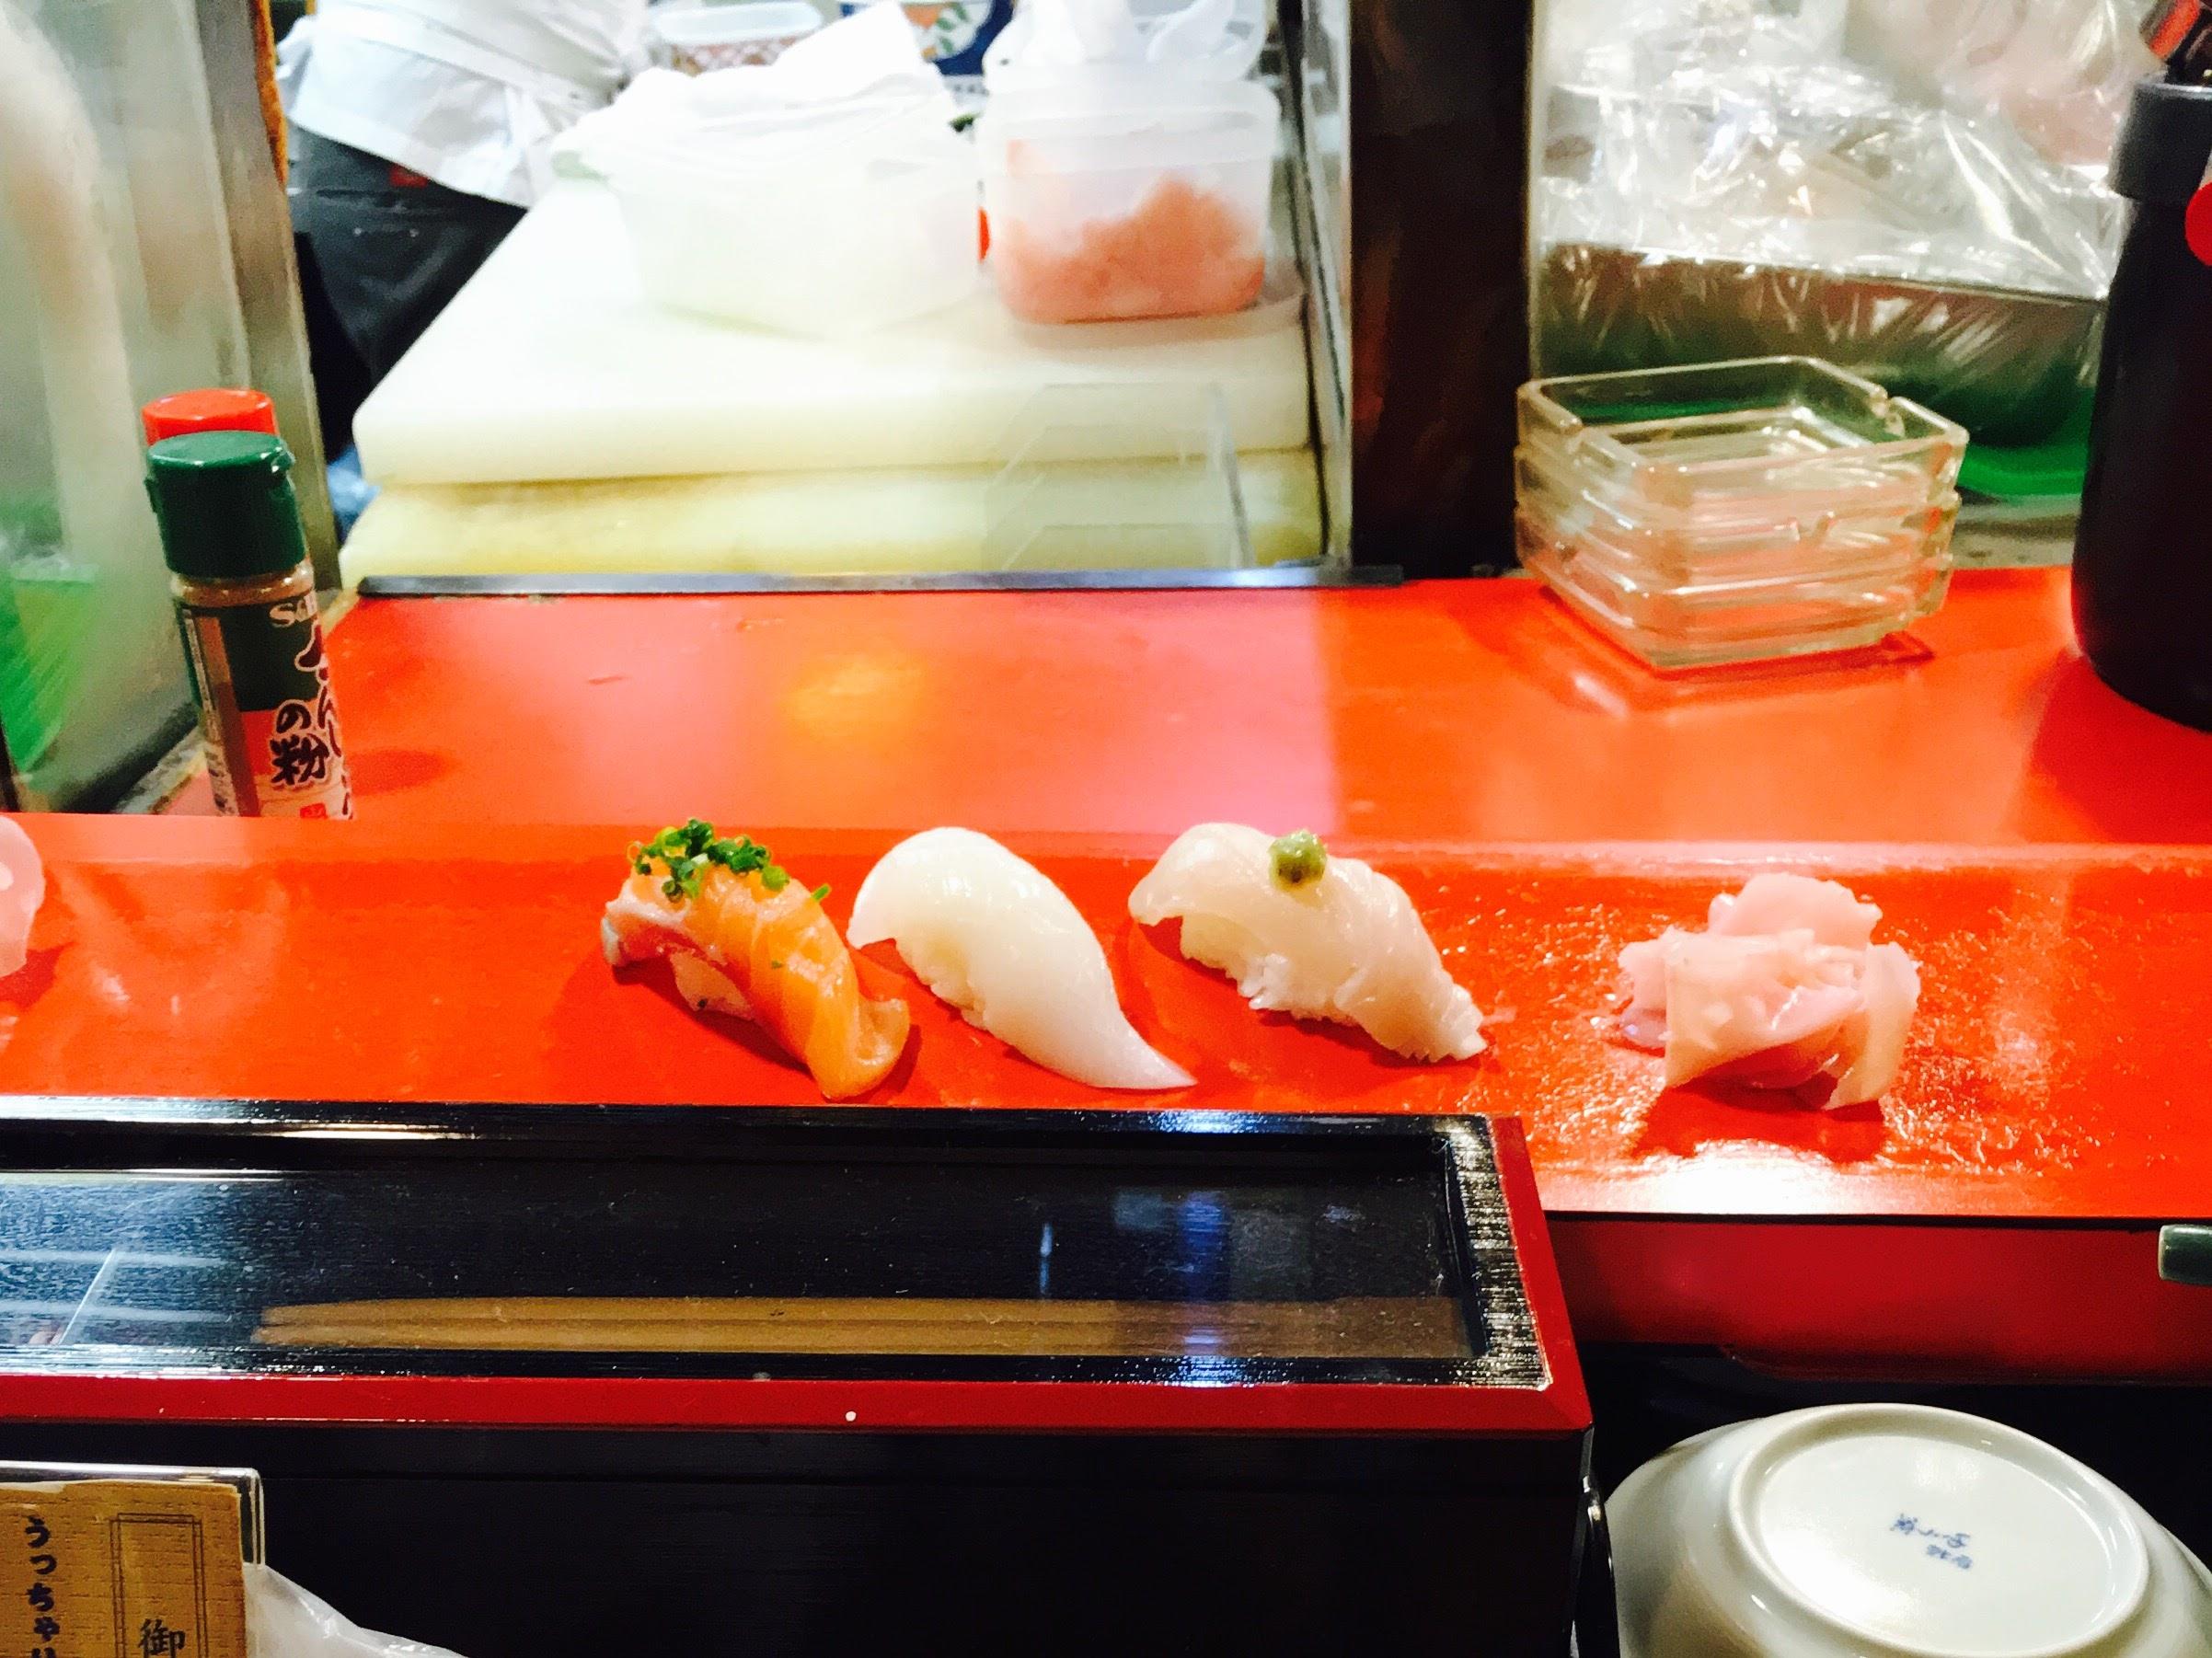 【相撲寿司大砲部屋】新市街にある熊本の旬を味わえる気さくな寿司屋